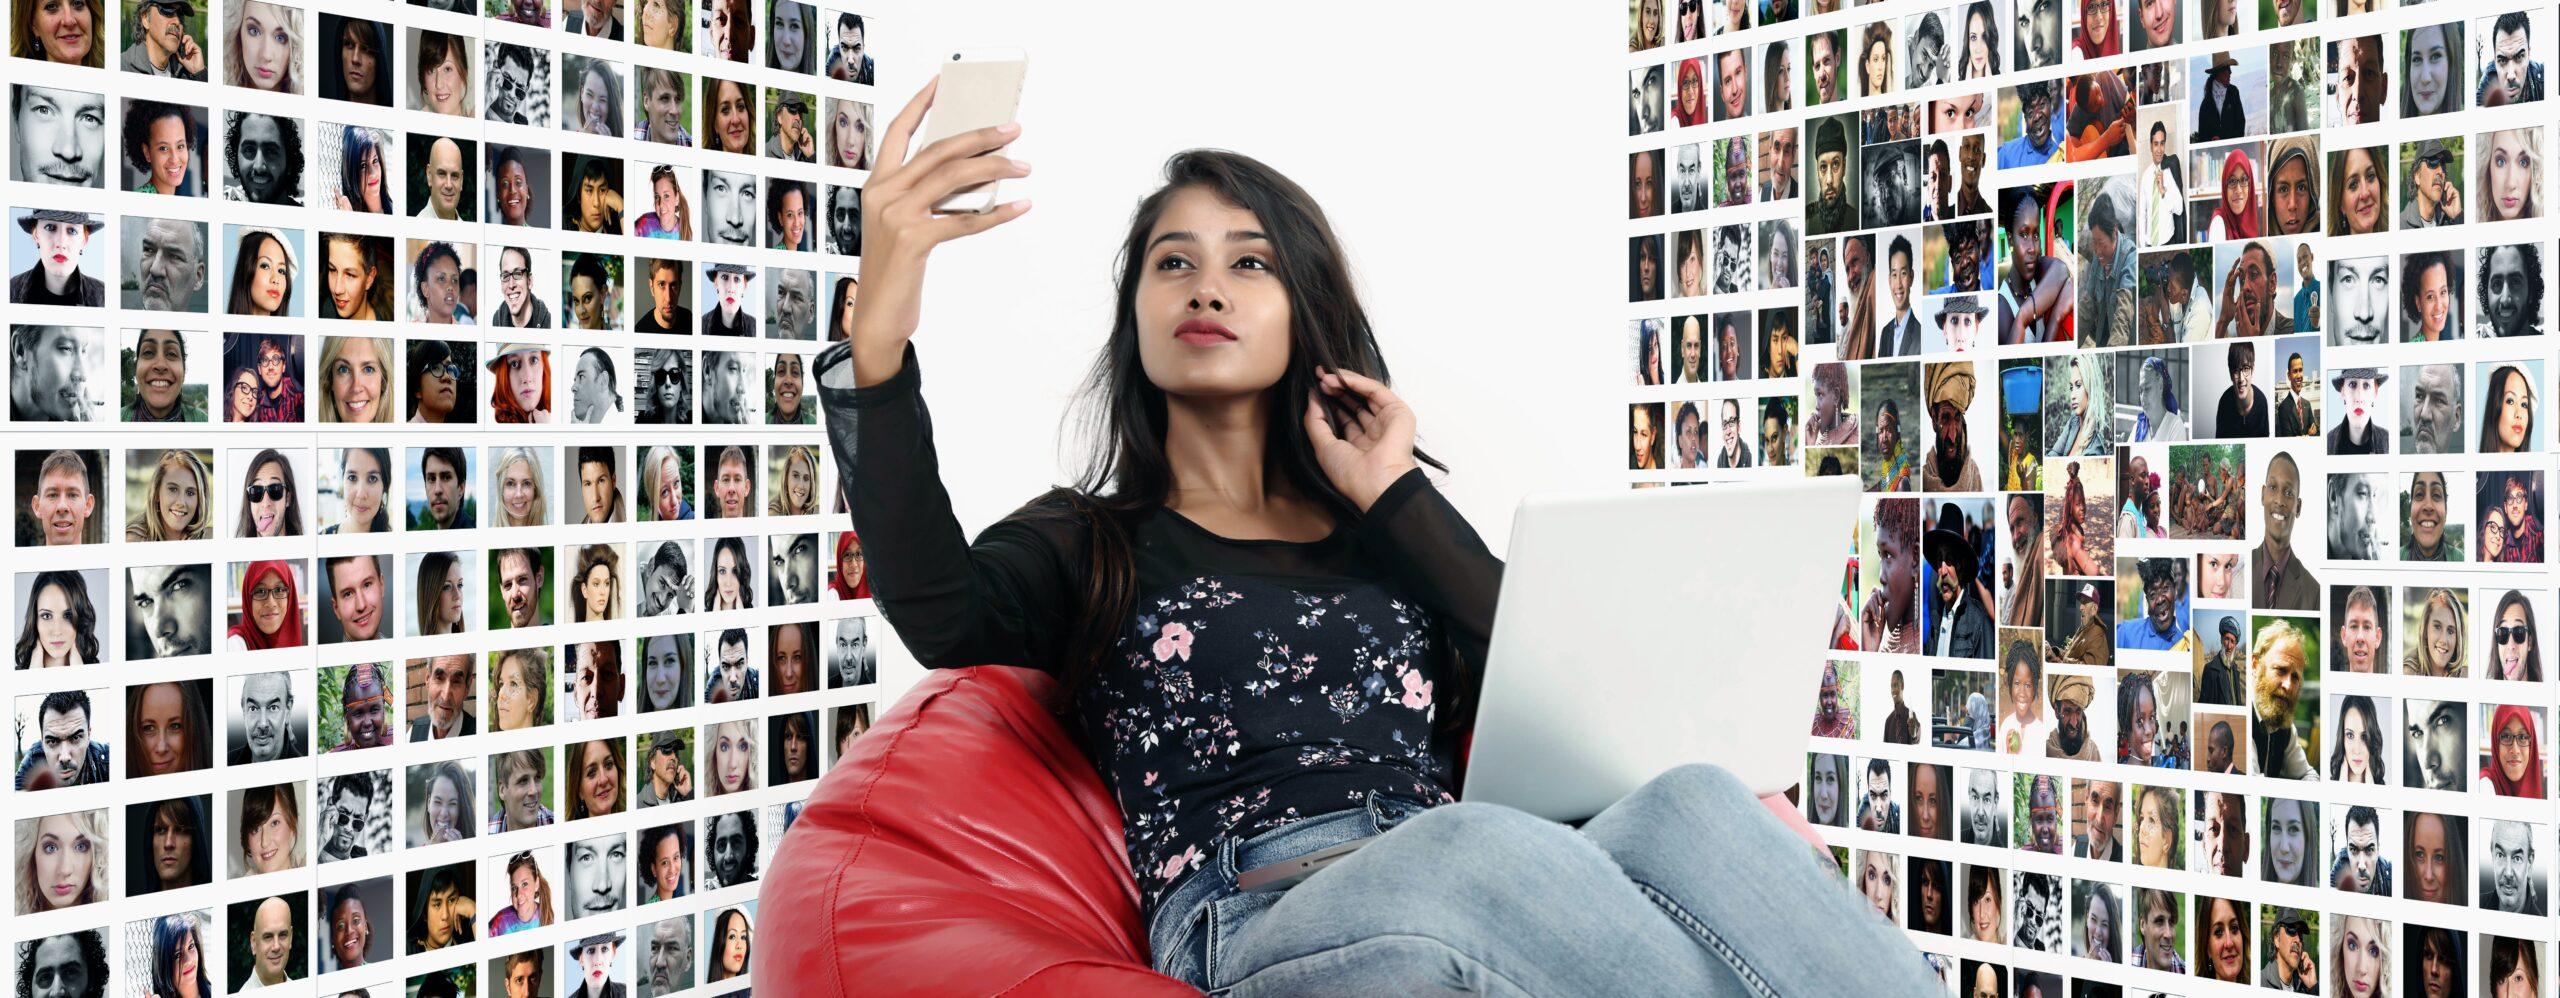 Social Media und sein Einfluss auf die Weiblichkeit